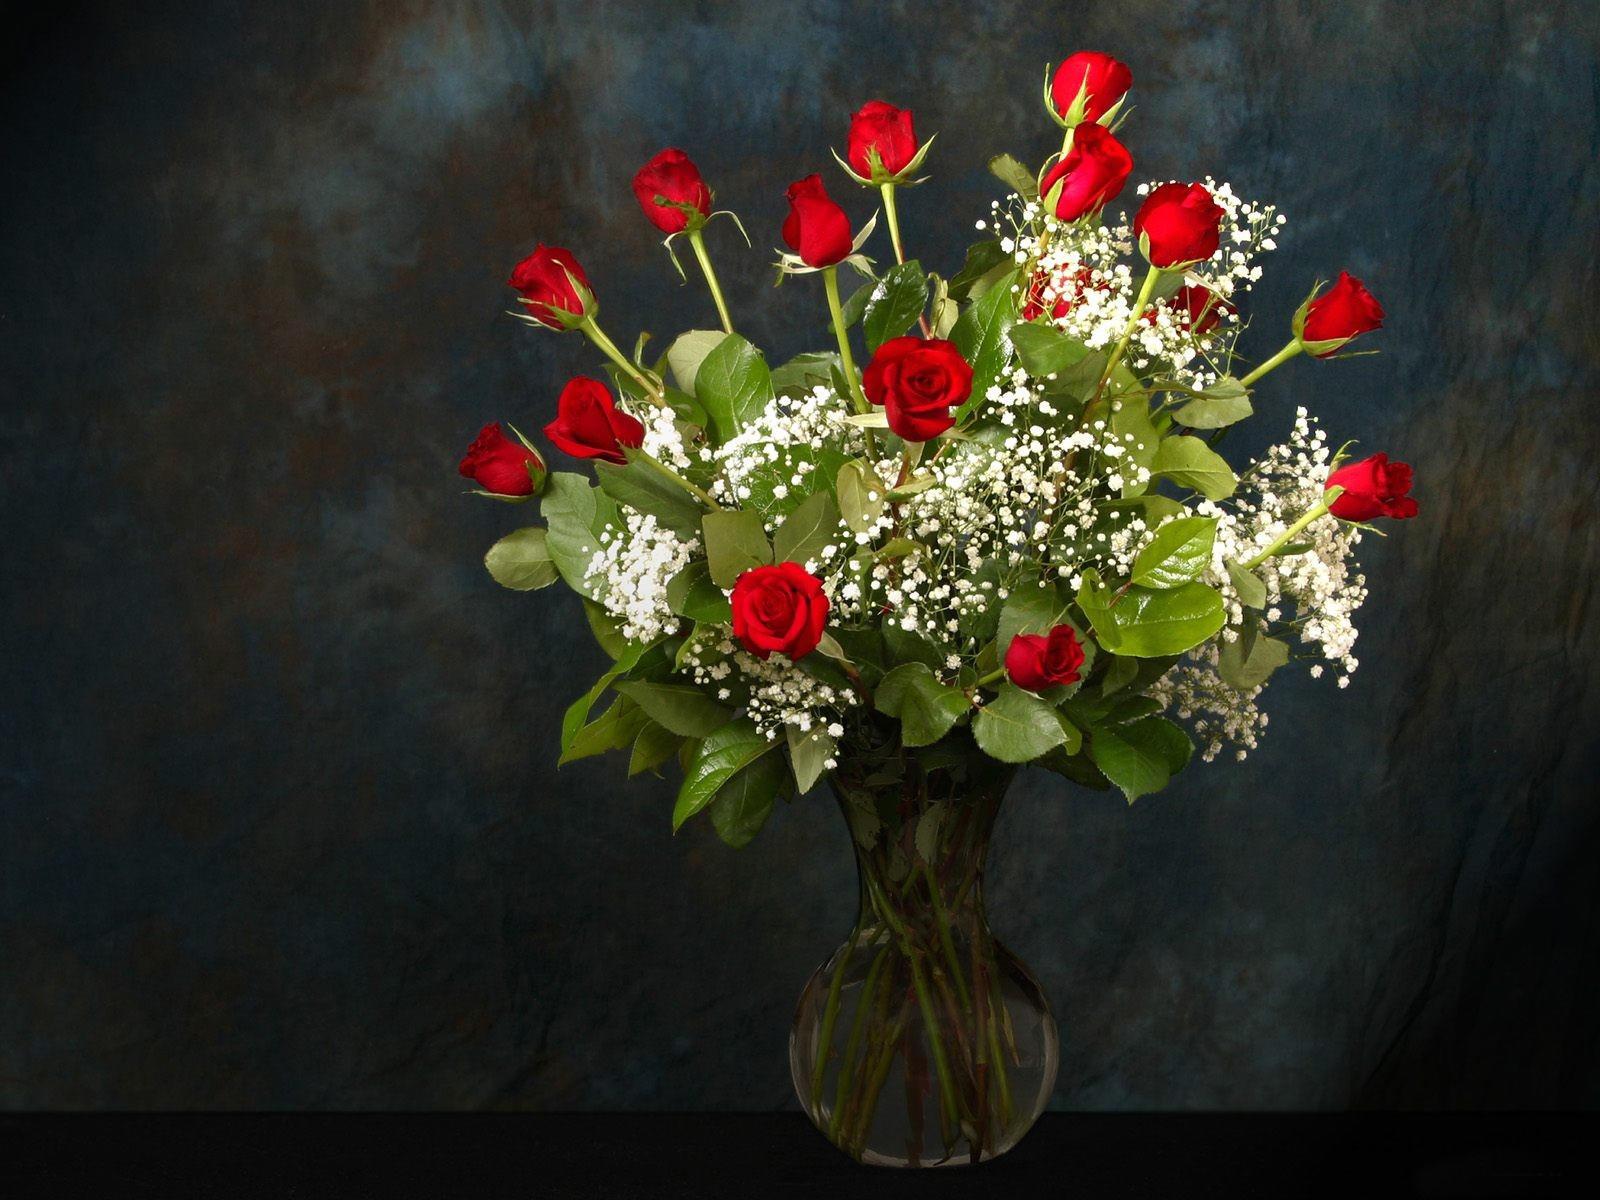 Композиция красных роз в вазе